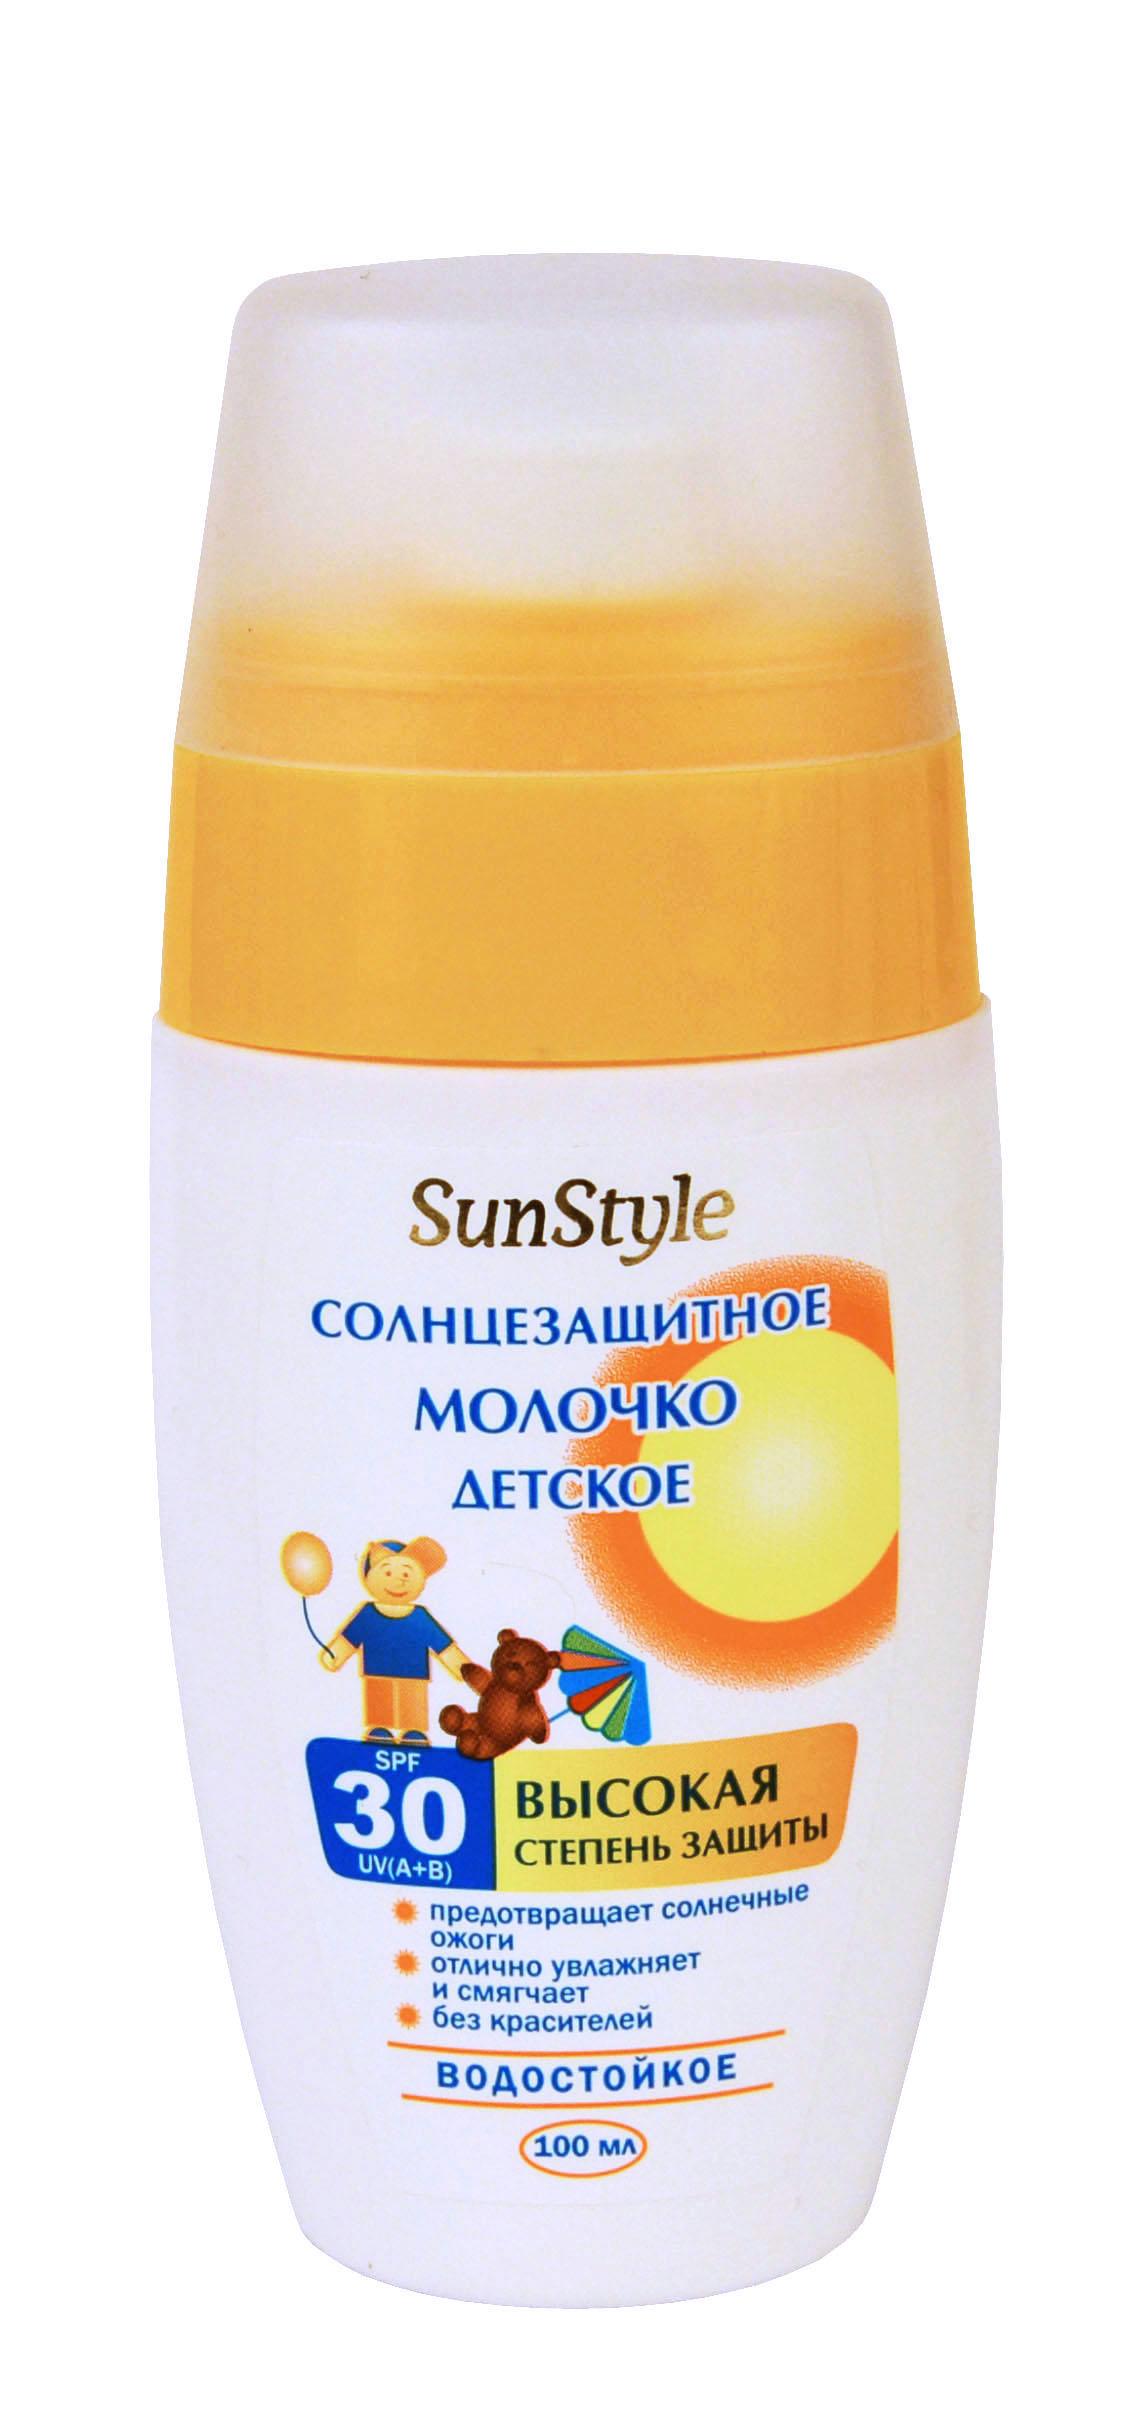 Детское молочко солнцезащитное SPF-30 UV (A+B) водостойкое 100 мл Солнцезащитное молочко, специально созданное для детской кожи, имеет...